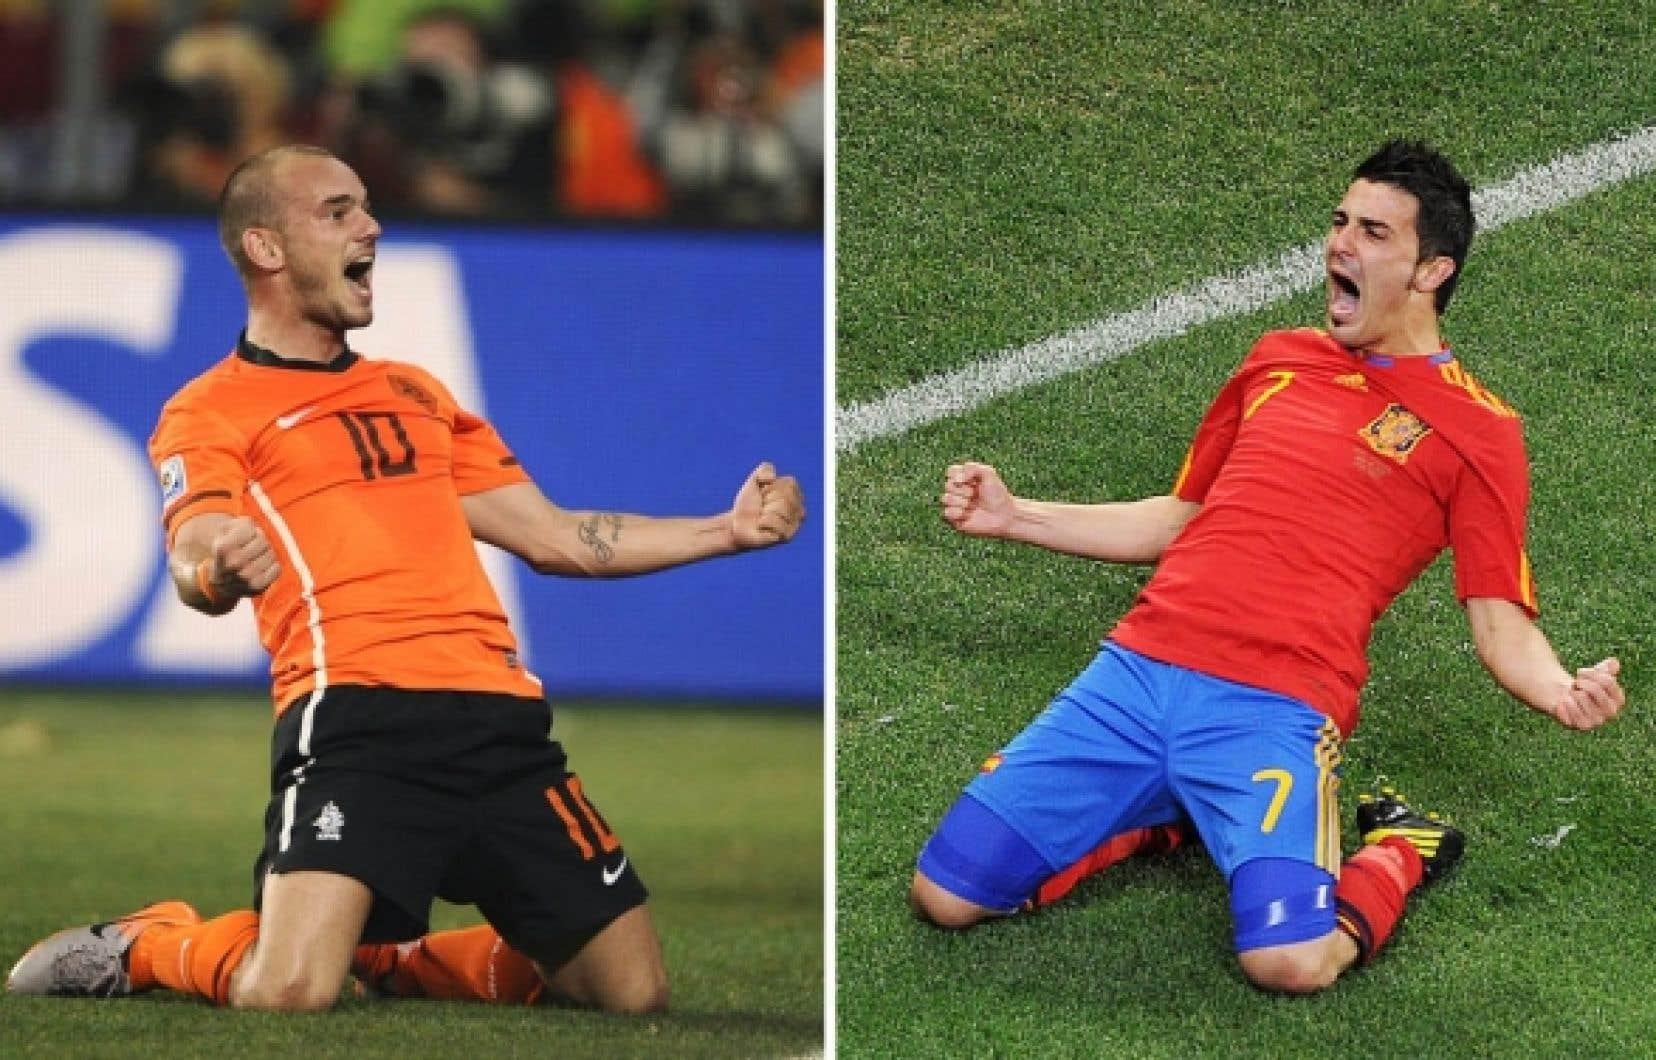 Coupe du monde 2010 l 39 explication finale en oranje et - Finale coupe du monde 2010 ...